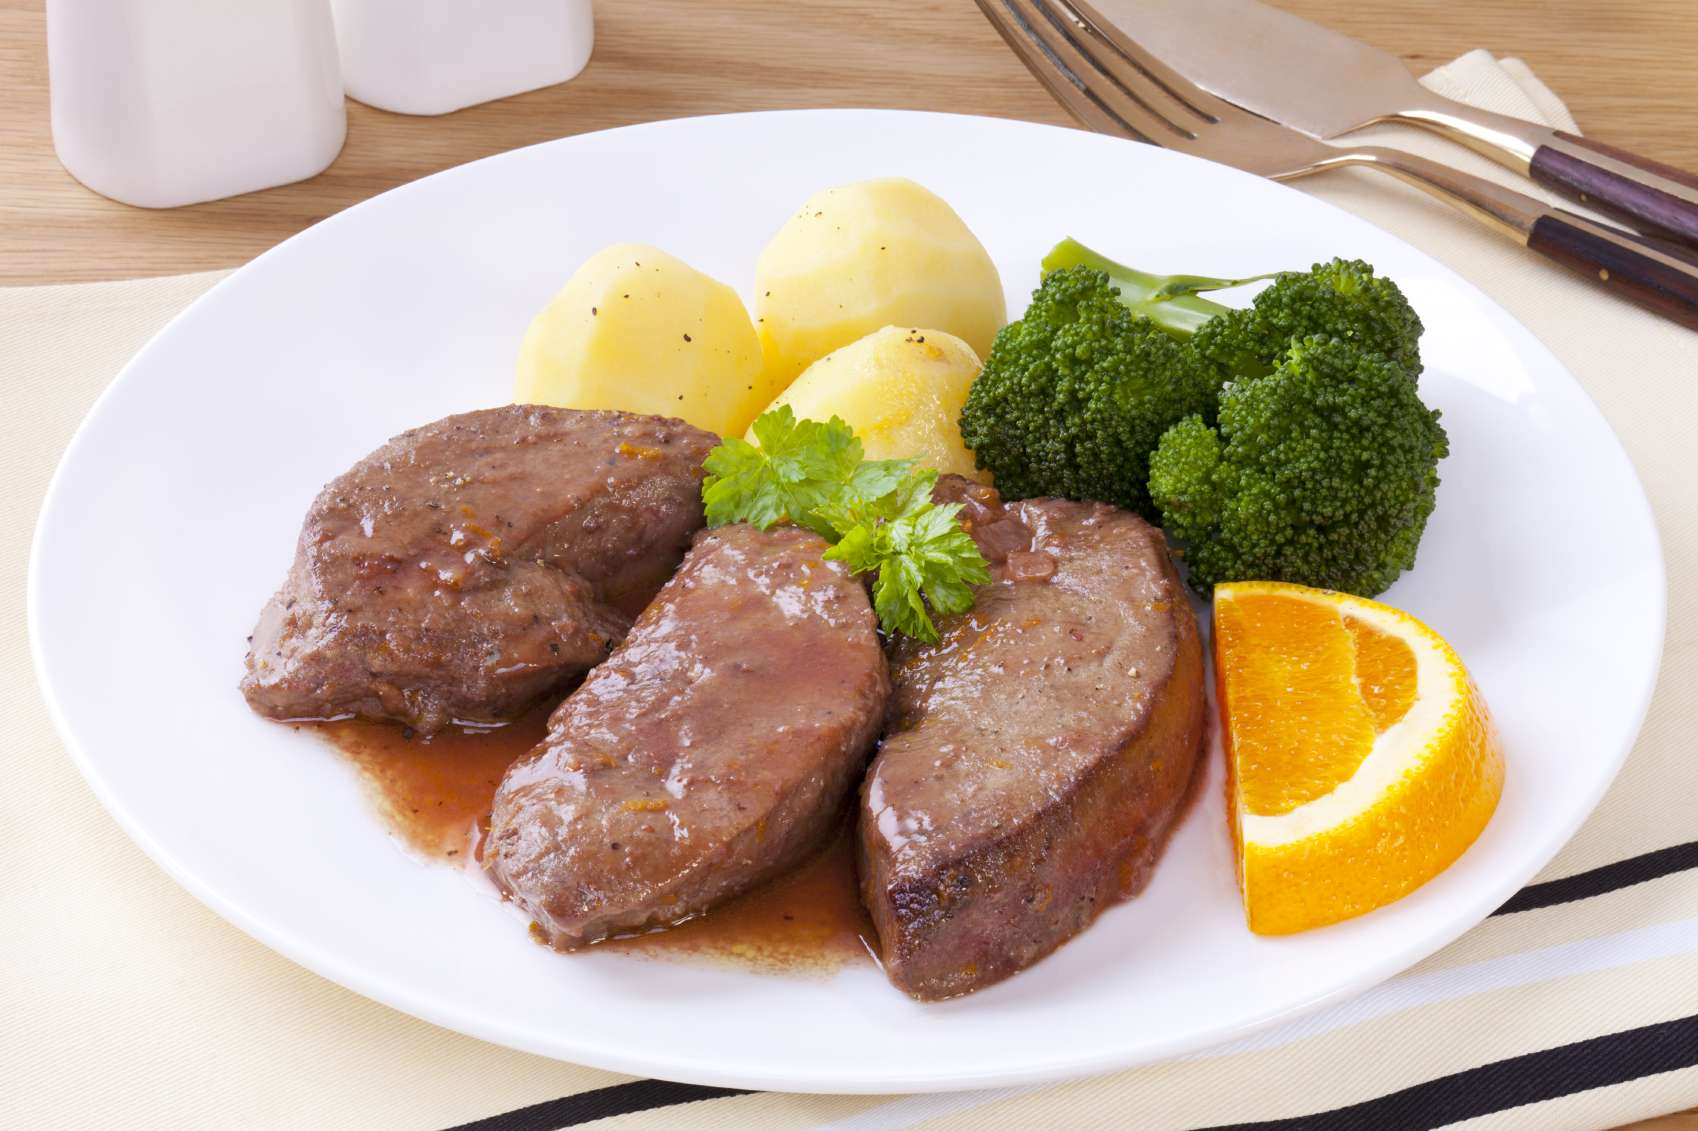 Recette du foie de veau au vinaigre - Foie de veau vinaigre balsamique ...